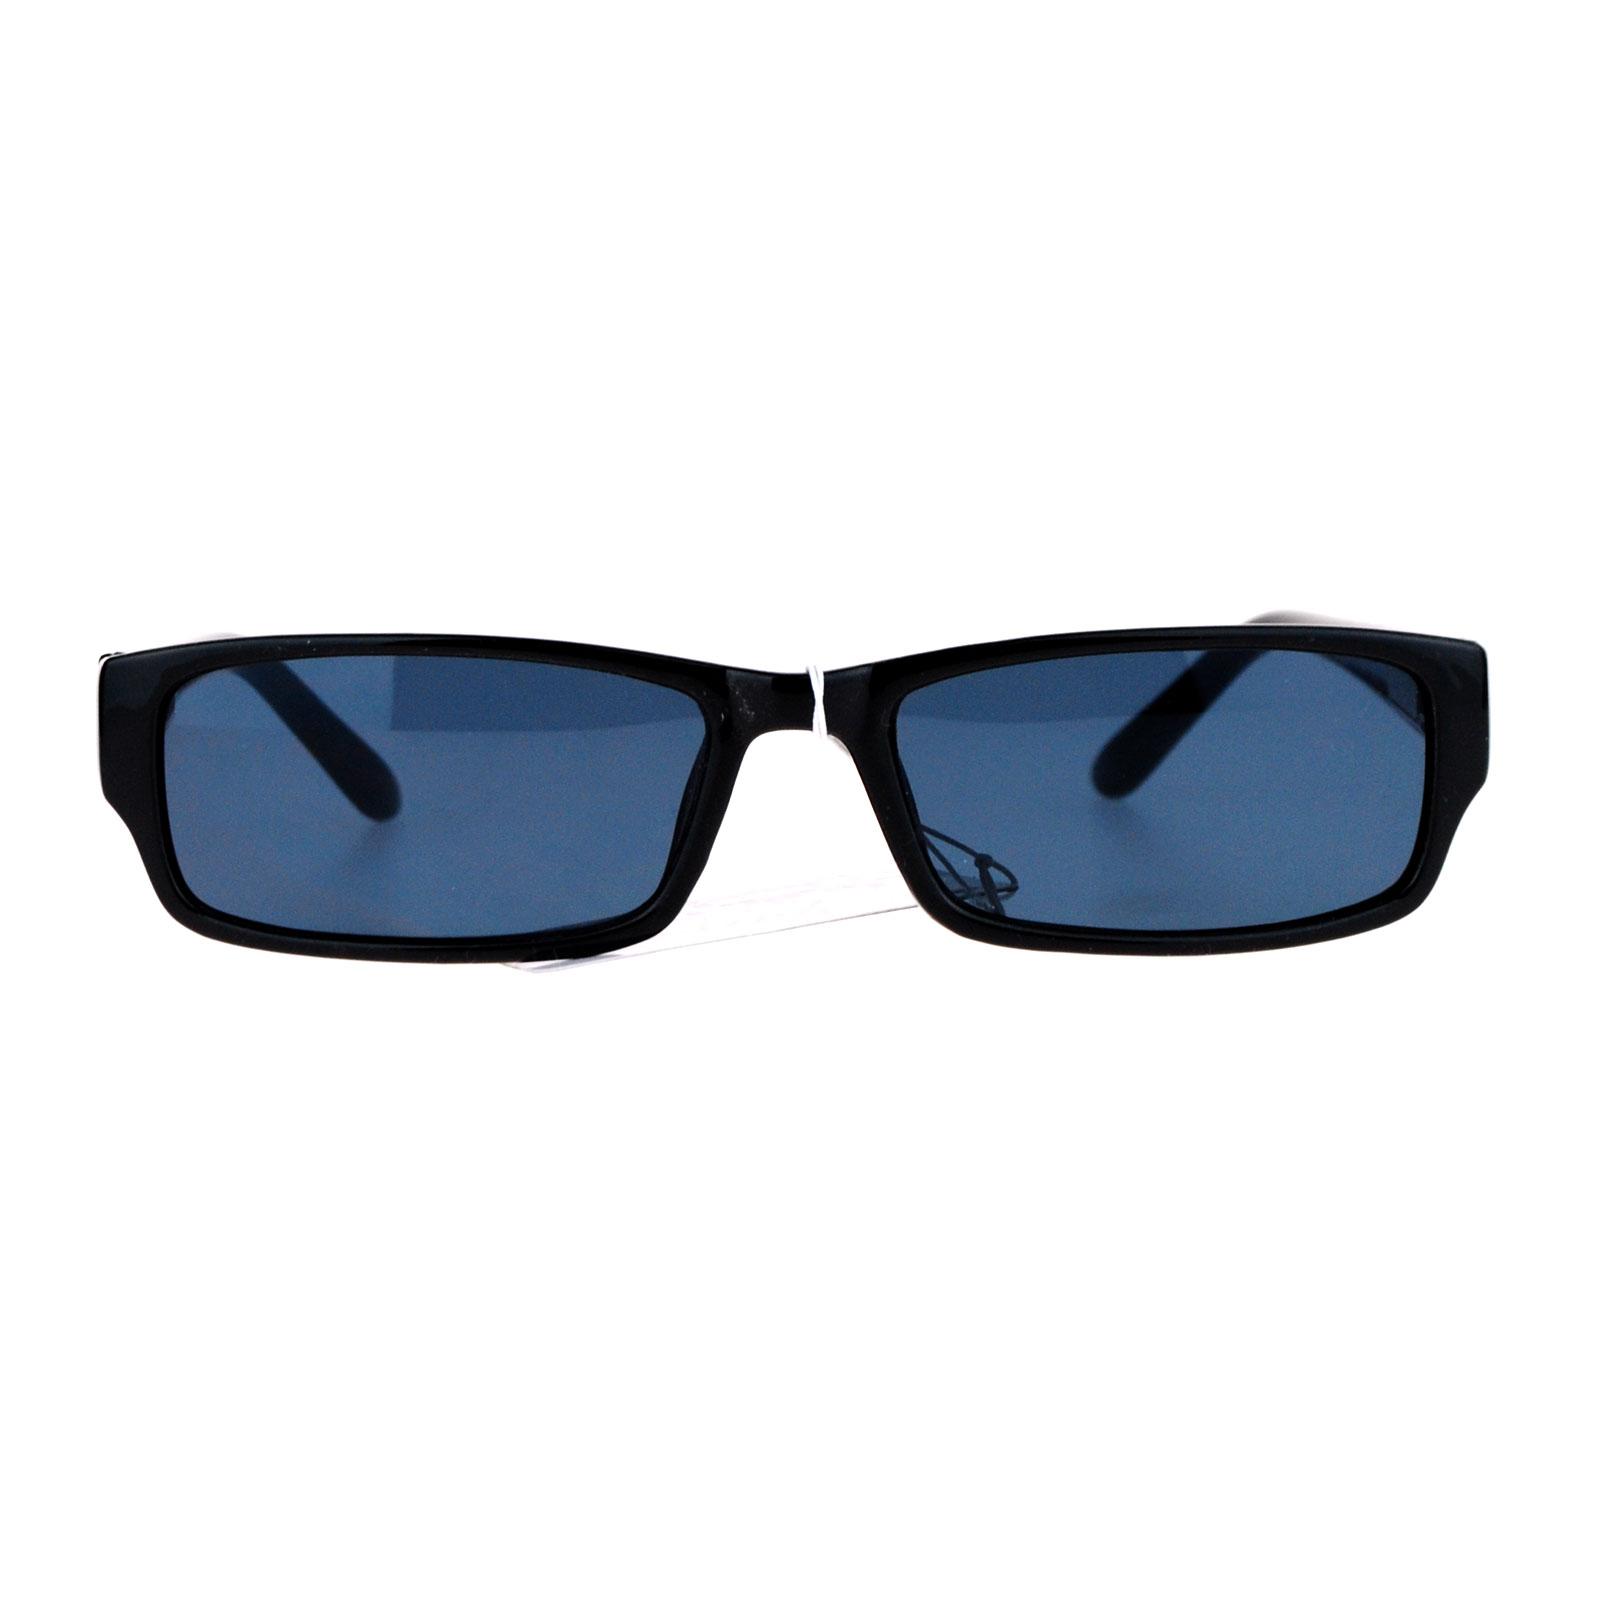 Sa106 narrow rectangular classic plastic pimp mens sunglasses for Square narrow shape acrylic